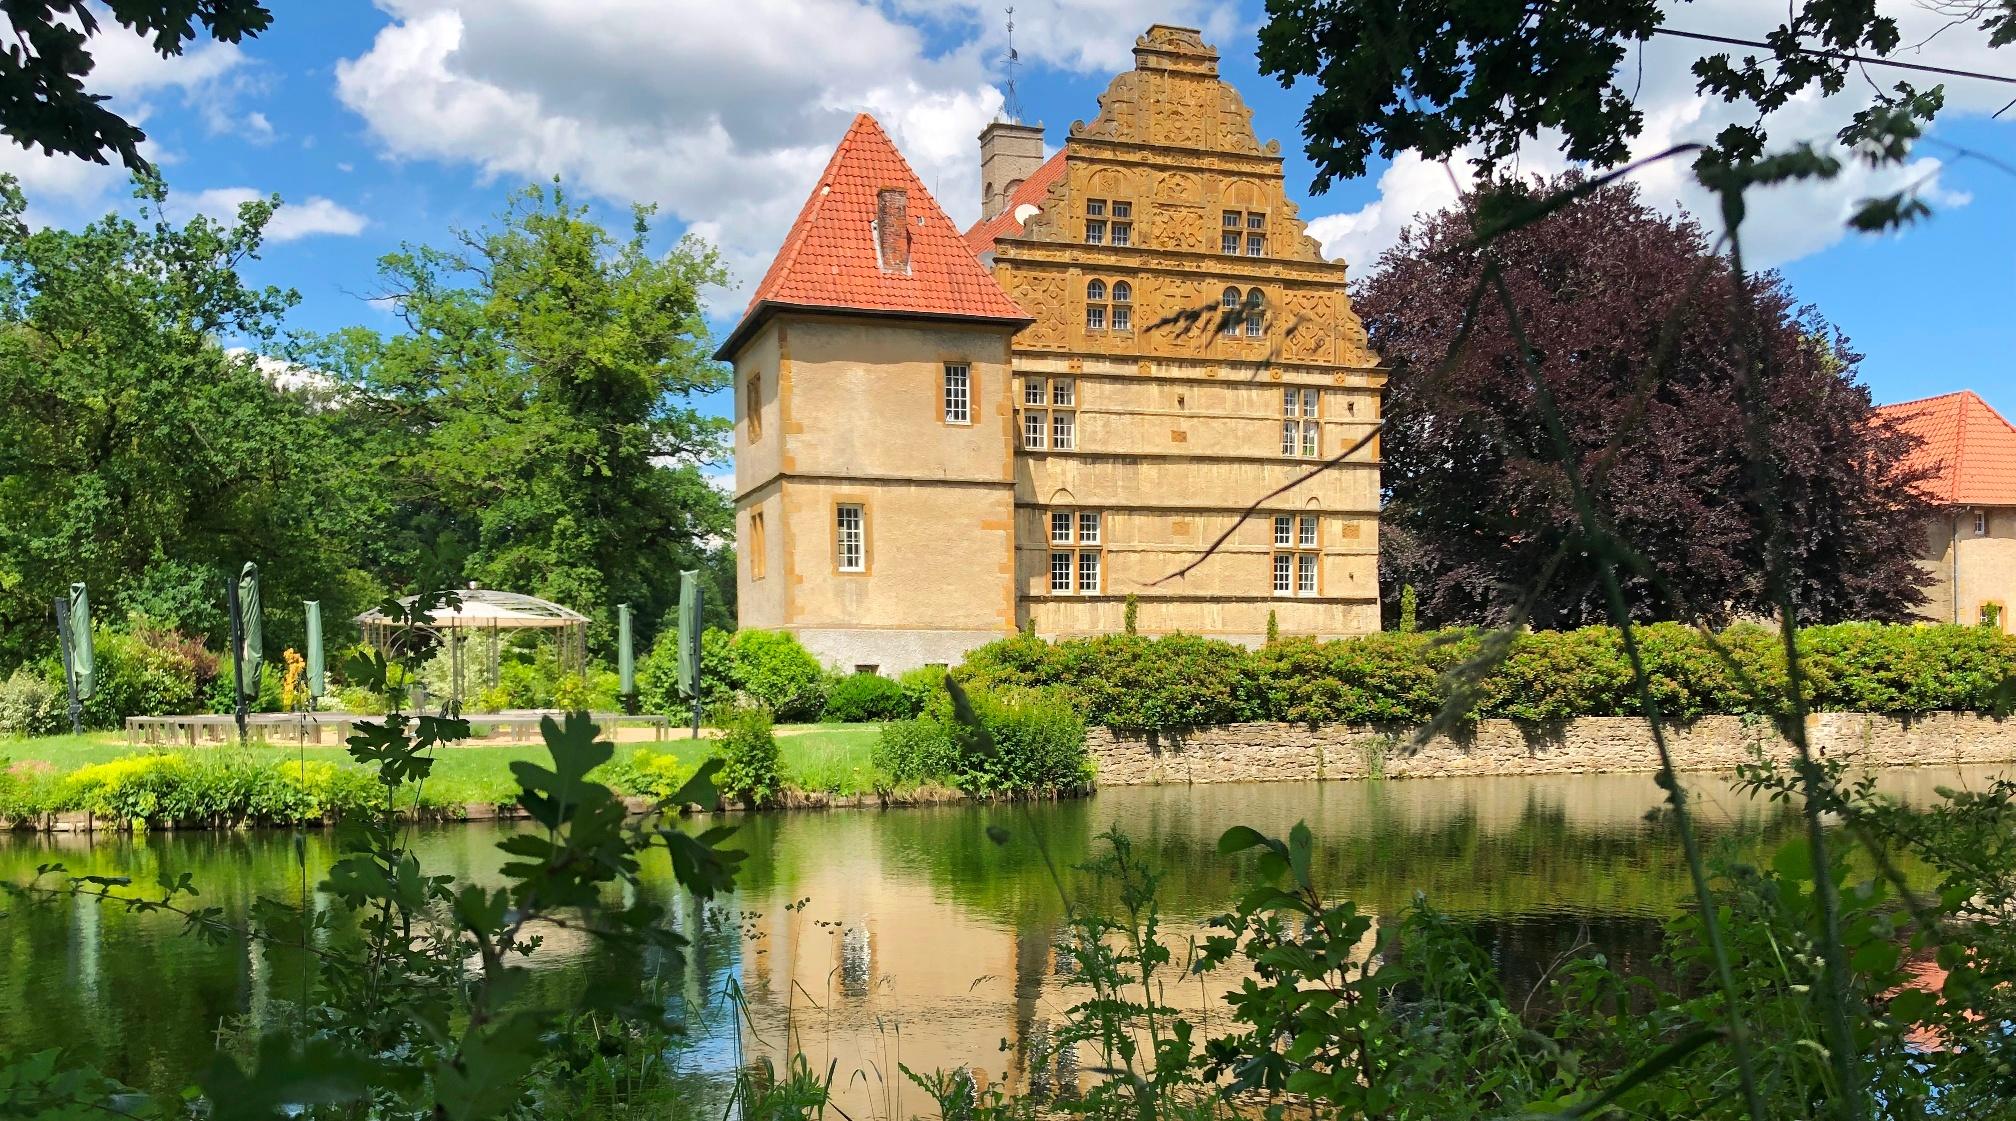 Wasserschloss Holtfeld, Borgholzhausen